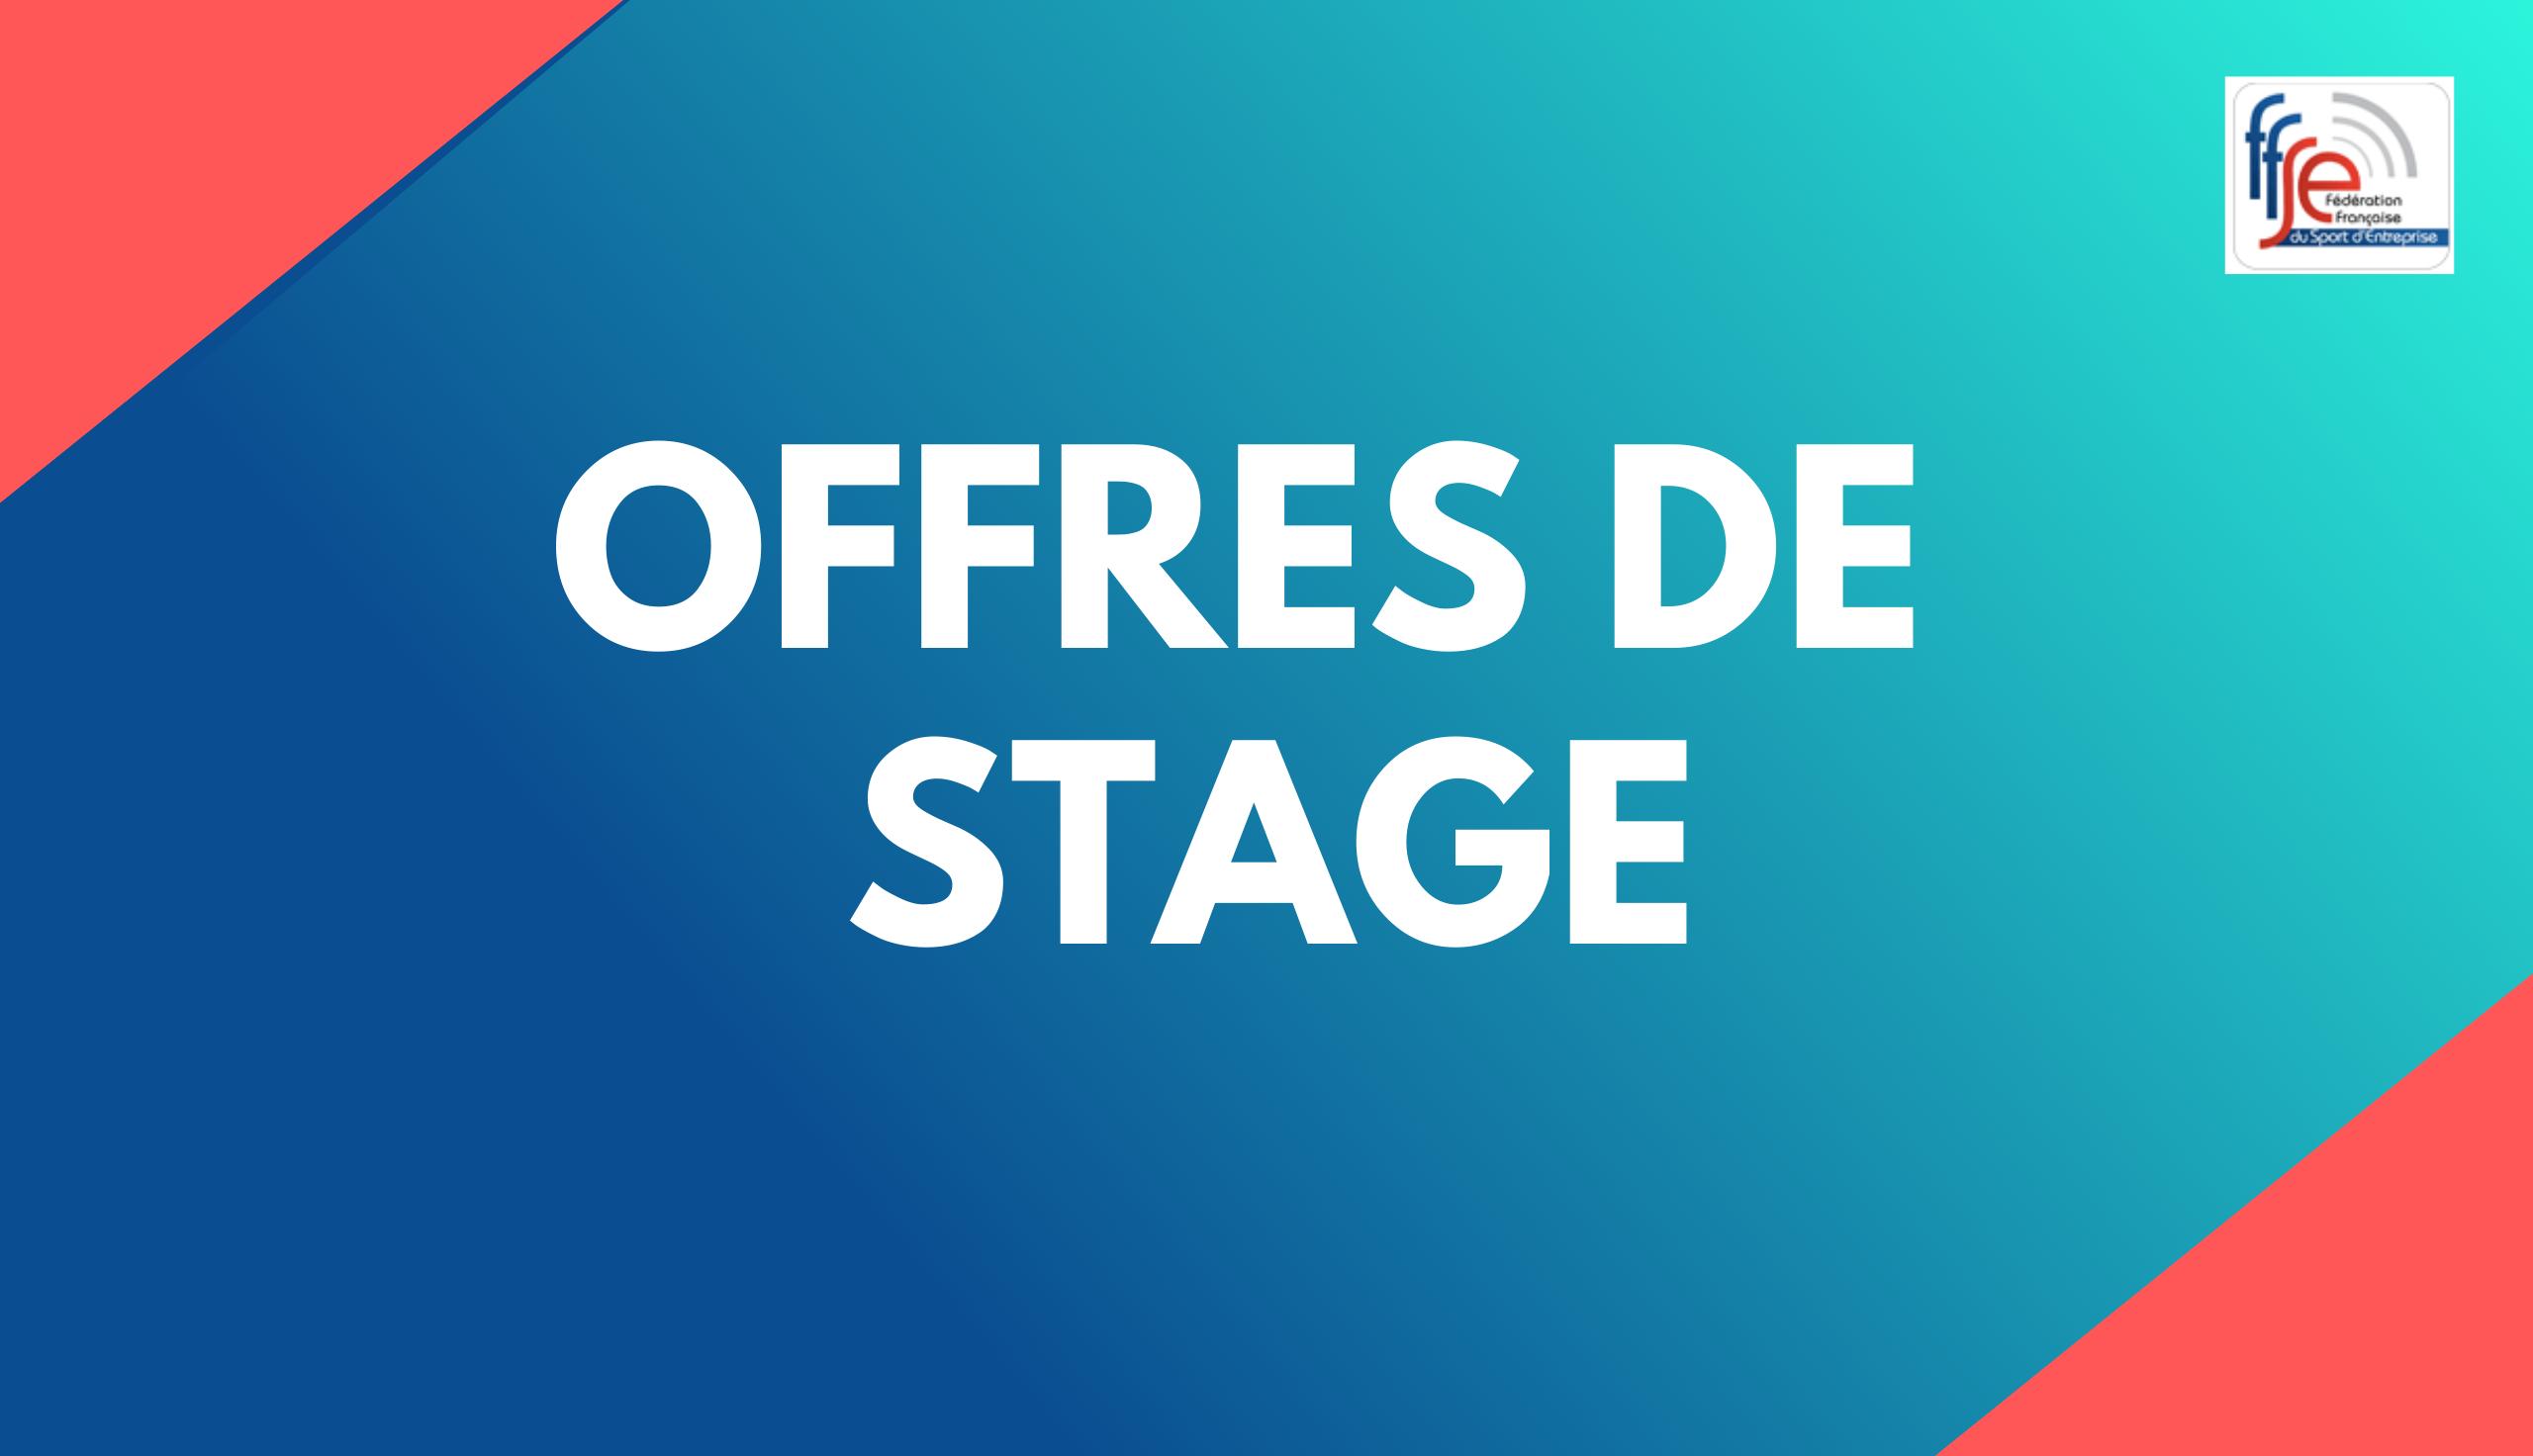 OFFRES DE STAGE FFSE